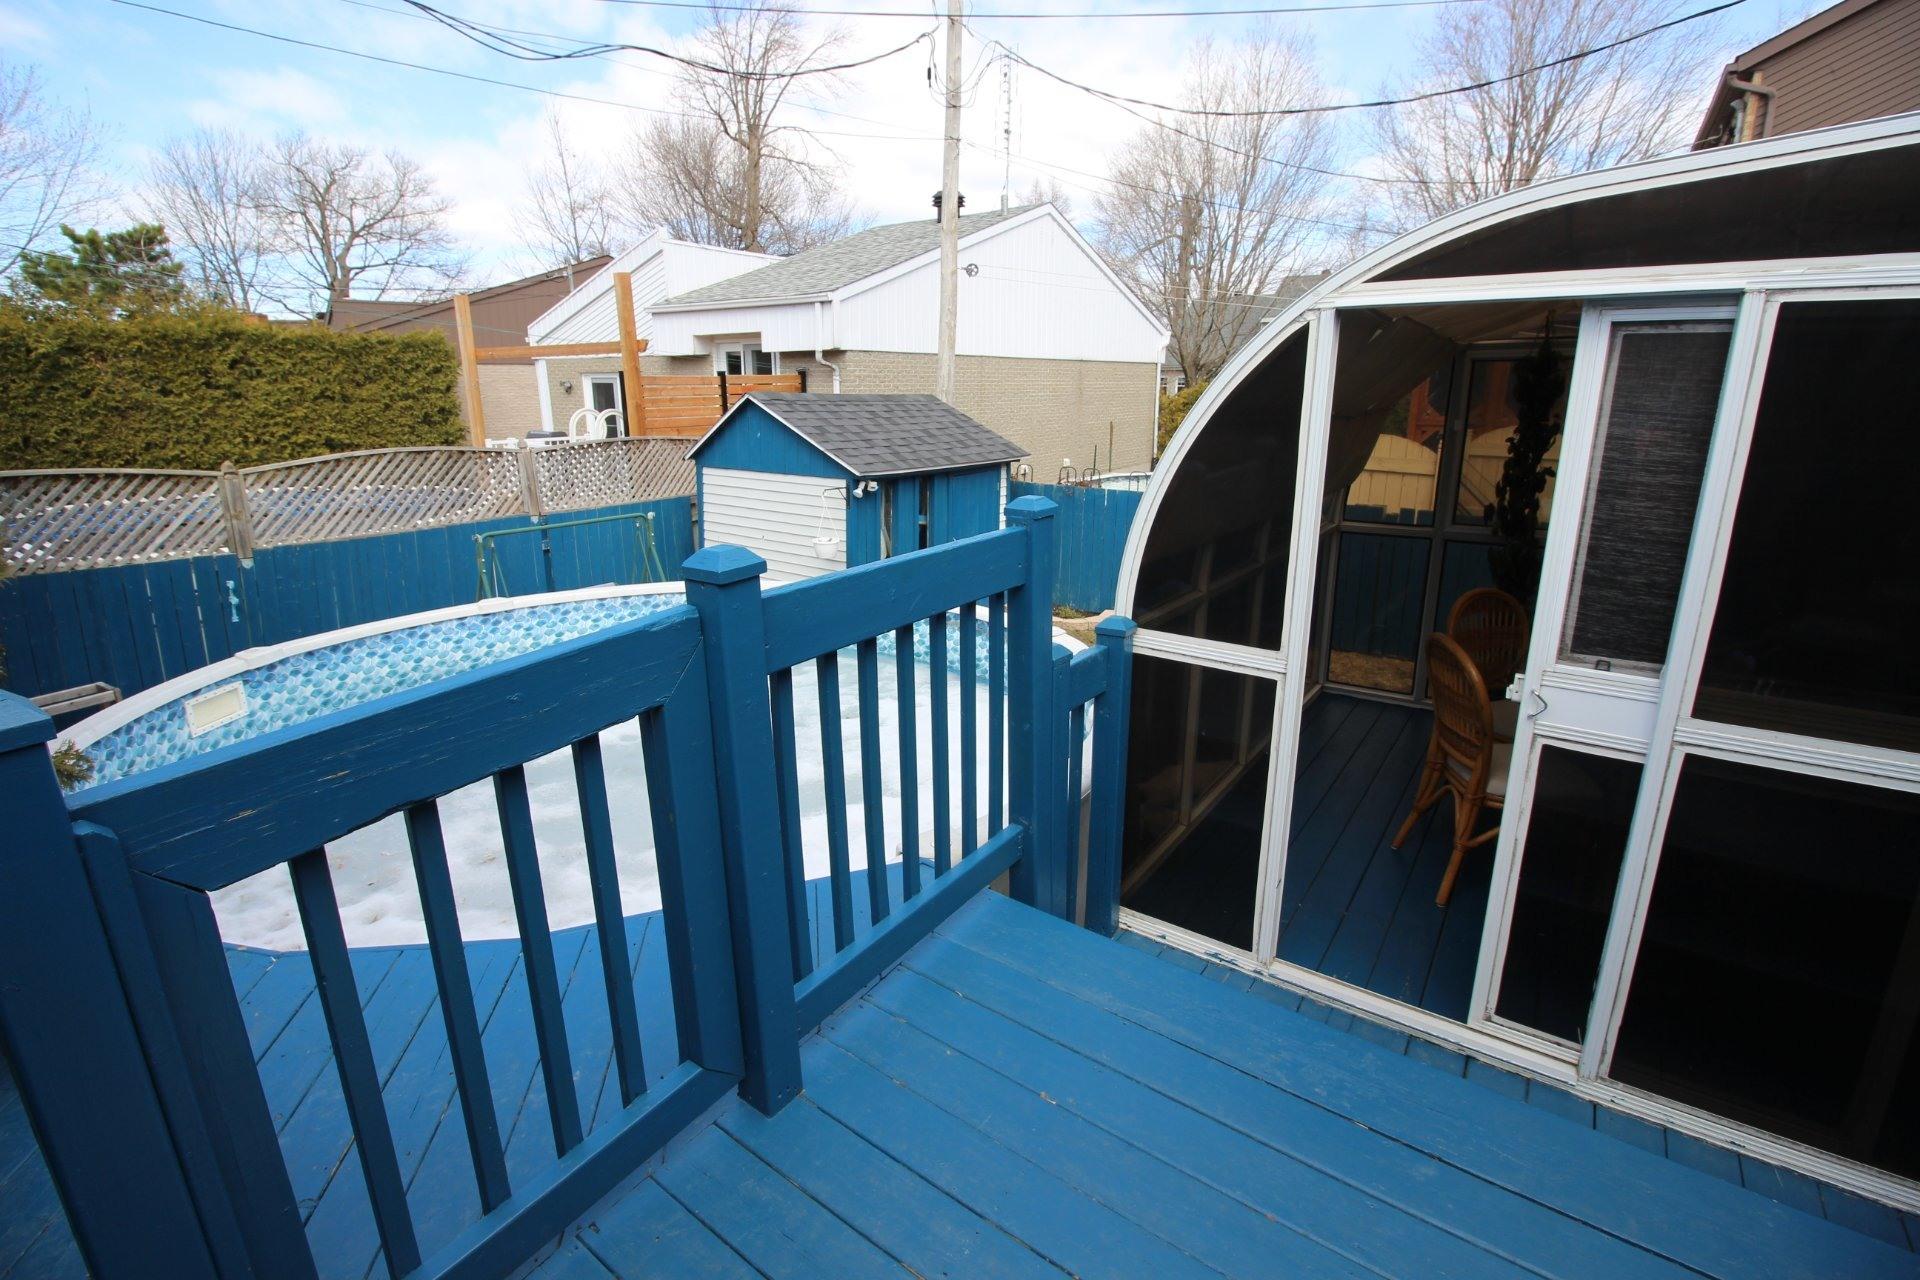 image 21 - Maison À vendre Rivière-des-Prairies/Pointe-aux-Trembles Montréal  - 8 pièces